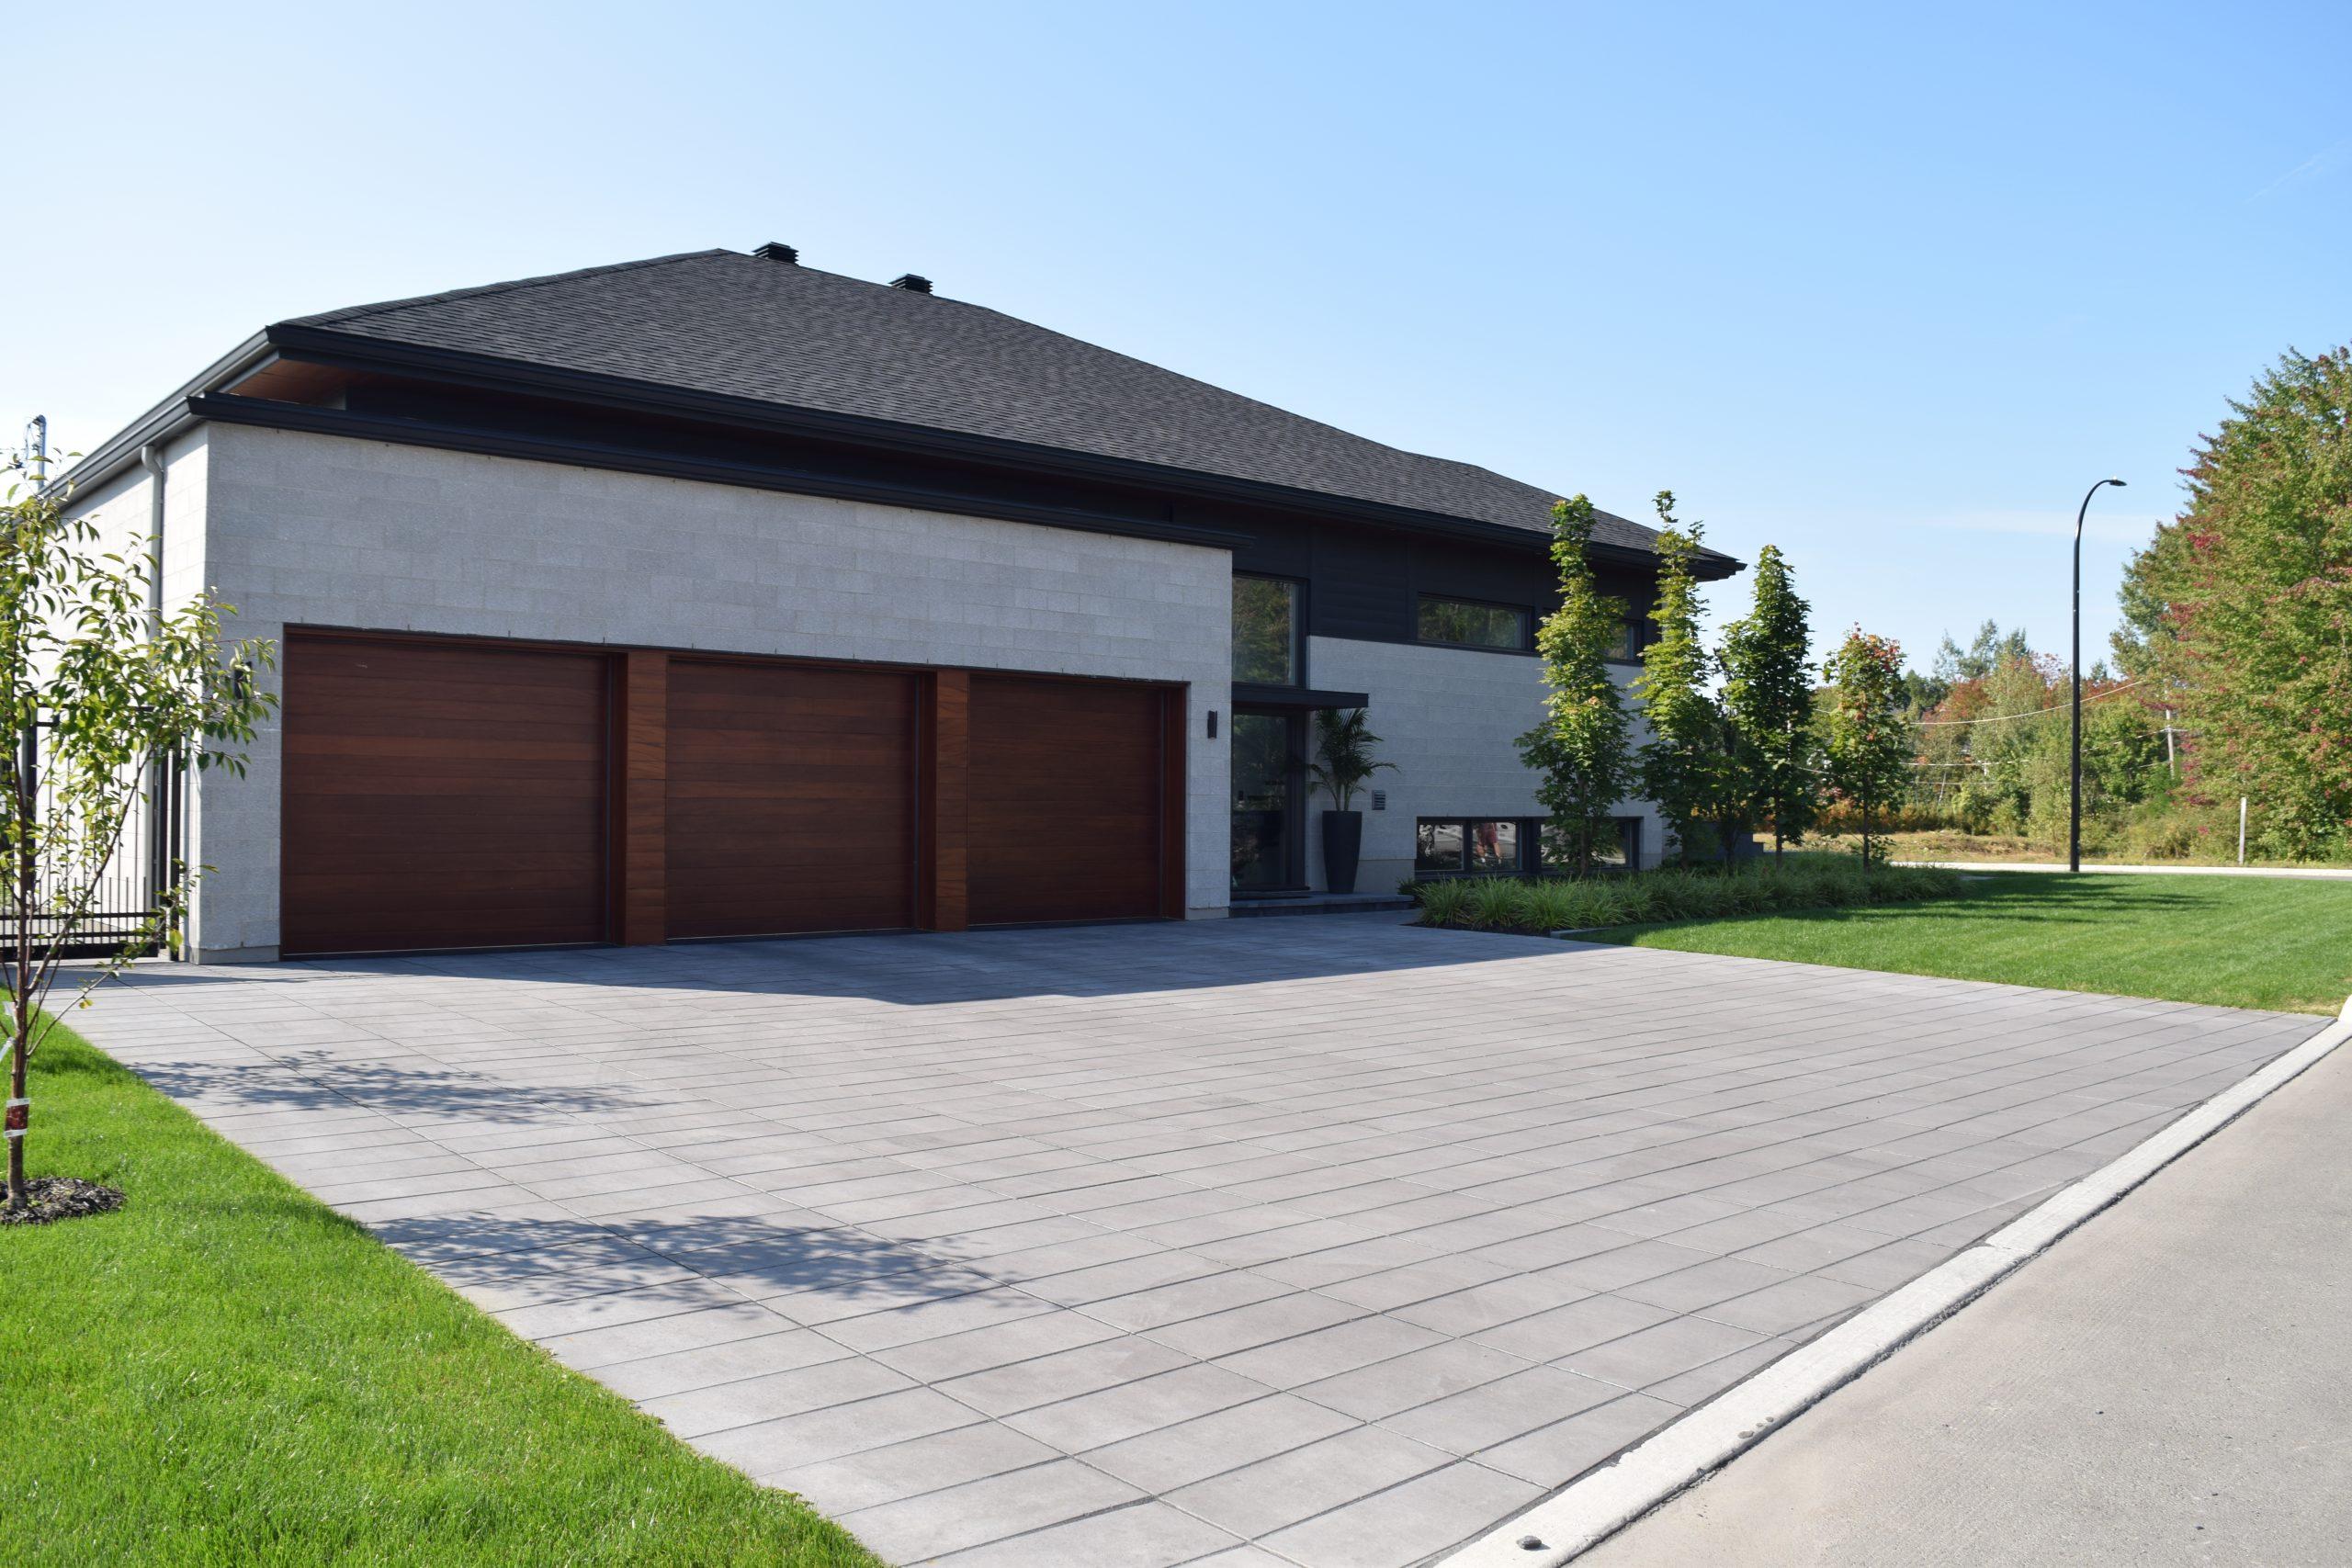 Pavé & paysagiste Boisbriand - Résidentiel - Commercial - Aménagement paysager - Stationnement pavé